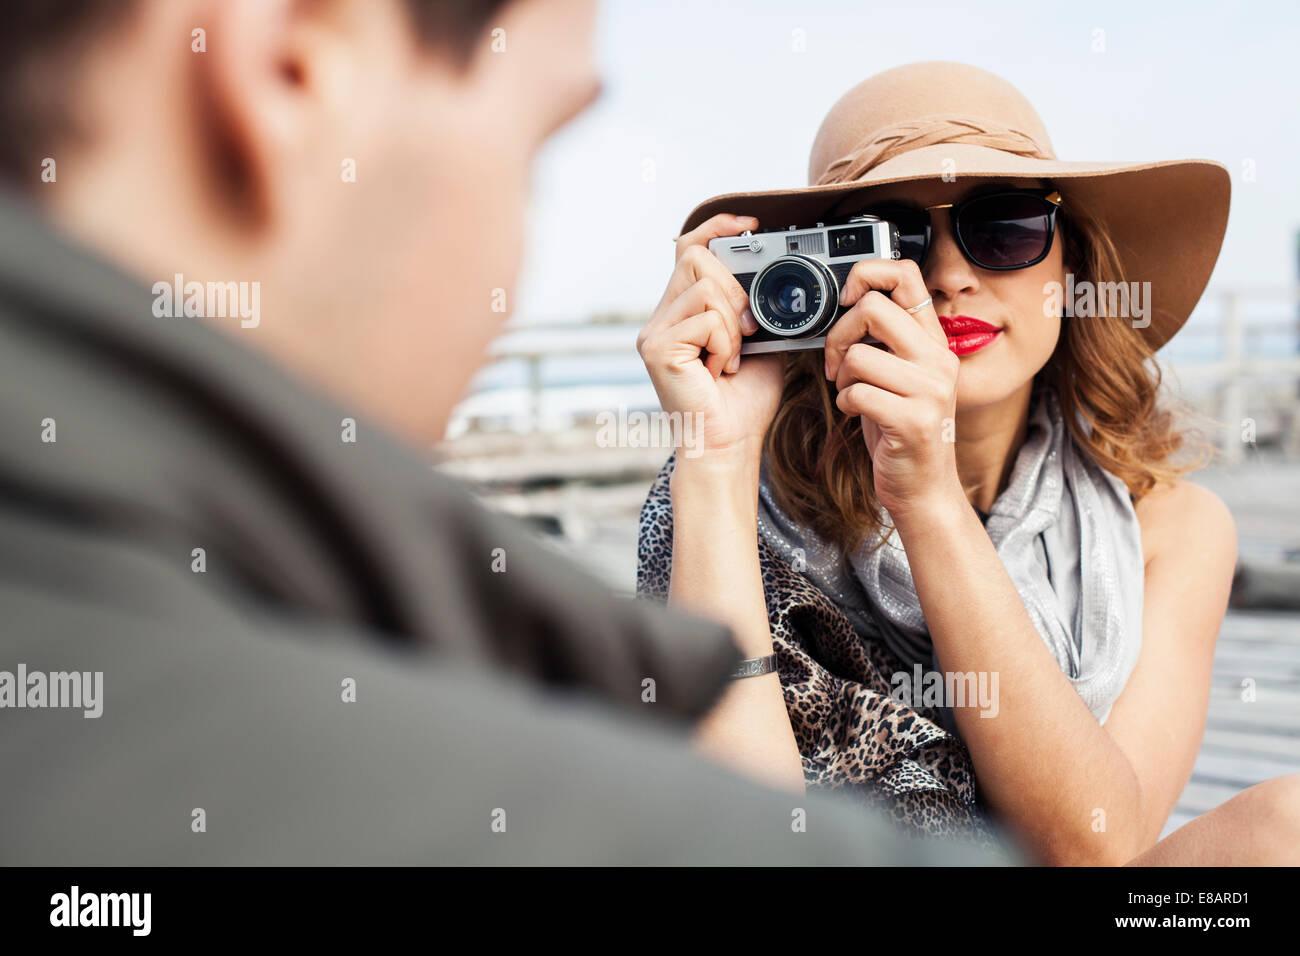 Junge Frau fotografieren Freund auf Küsten Pier, Cape Town, Western Cape, Südafrika Stockbild